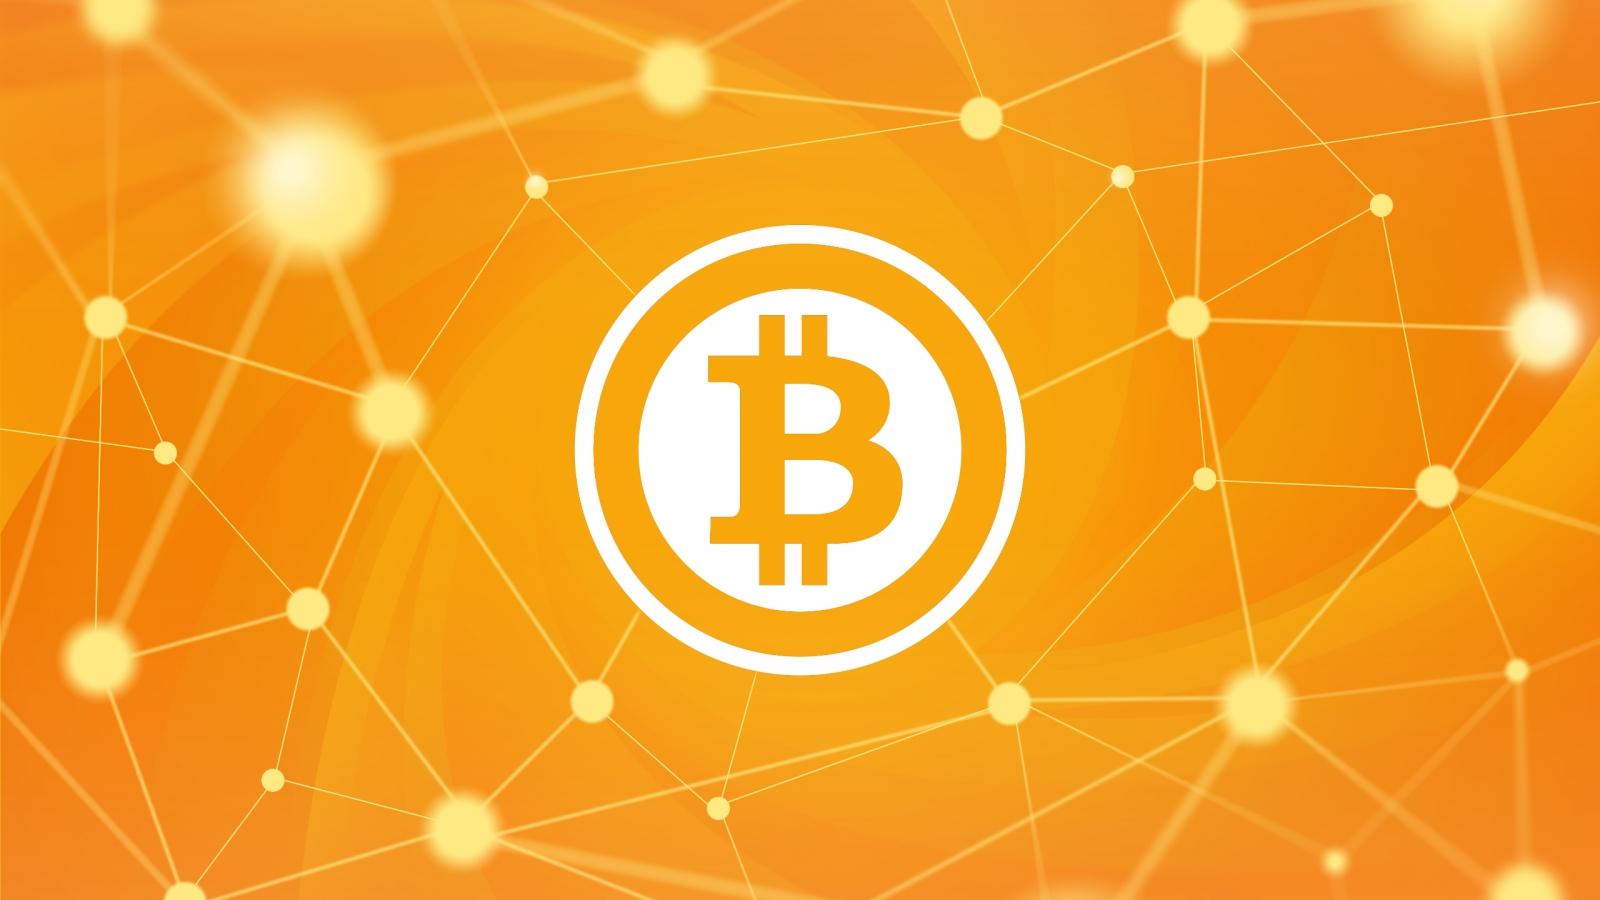 rabstol_net_bitcoin_08_1600x900.jpg